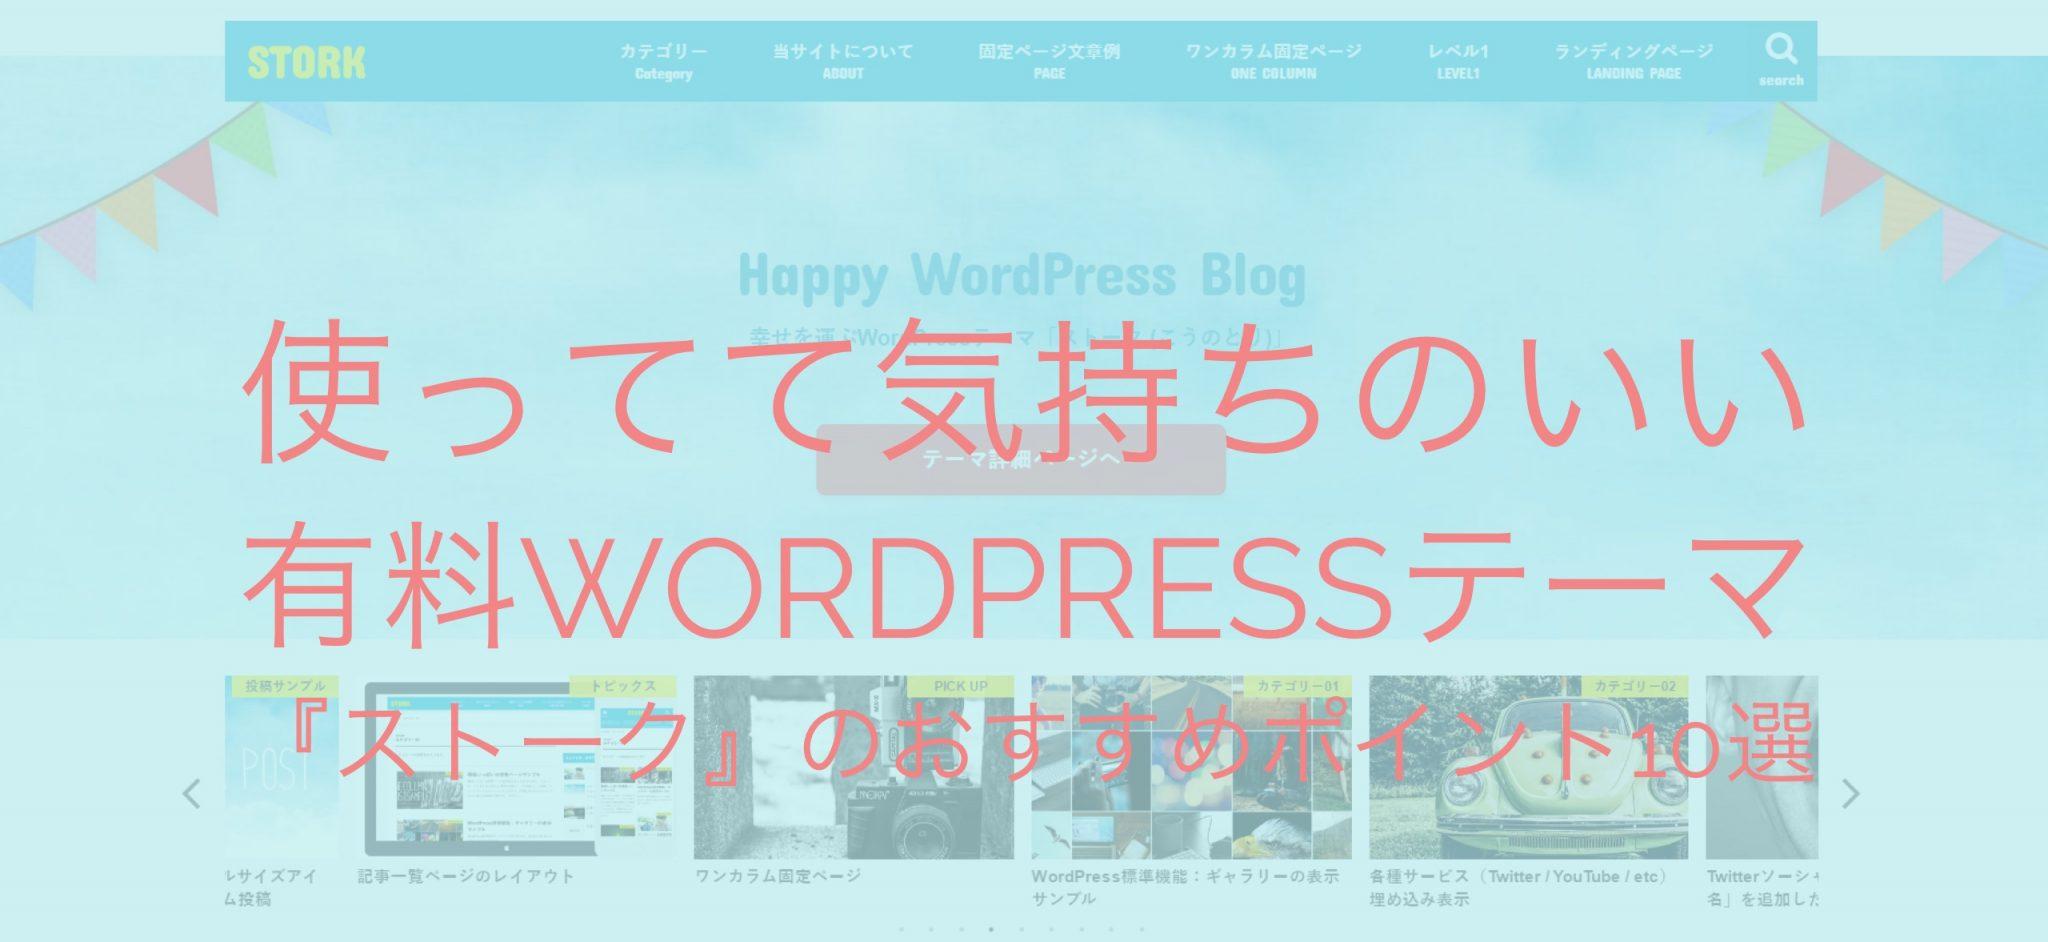 使ってて気持ちのいいWordPress有料テーマストークのおすすめポイント10個をまとめて紹介だッ!